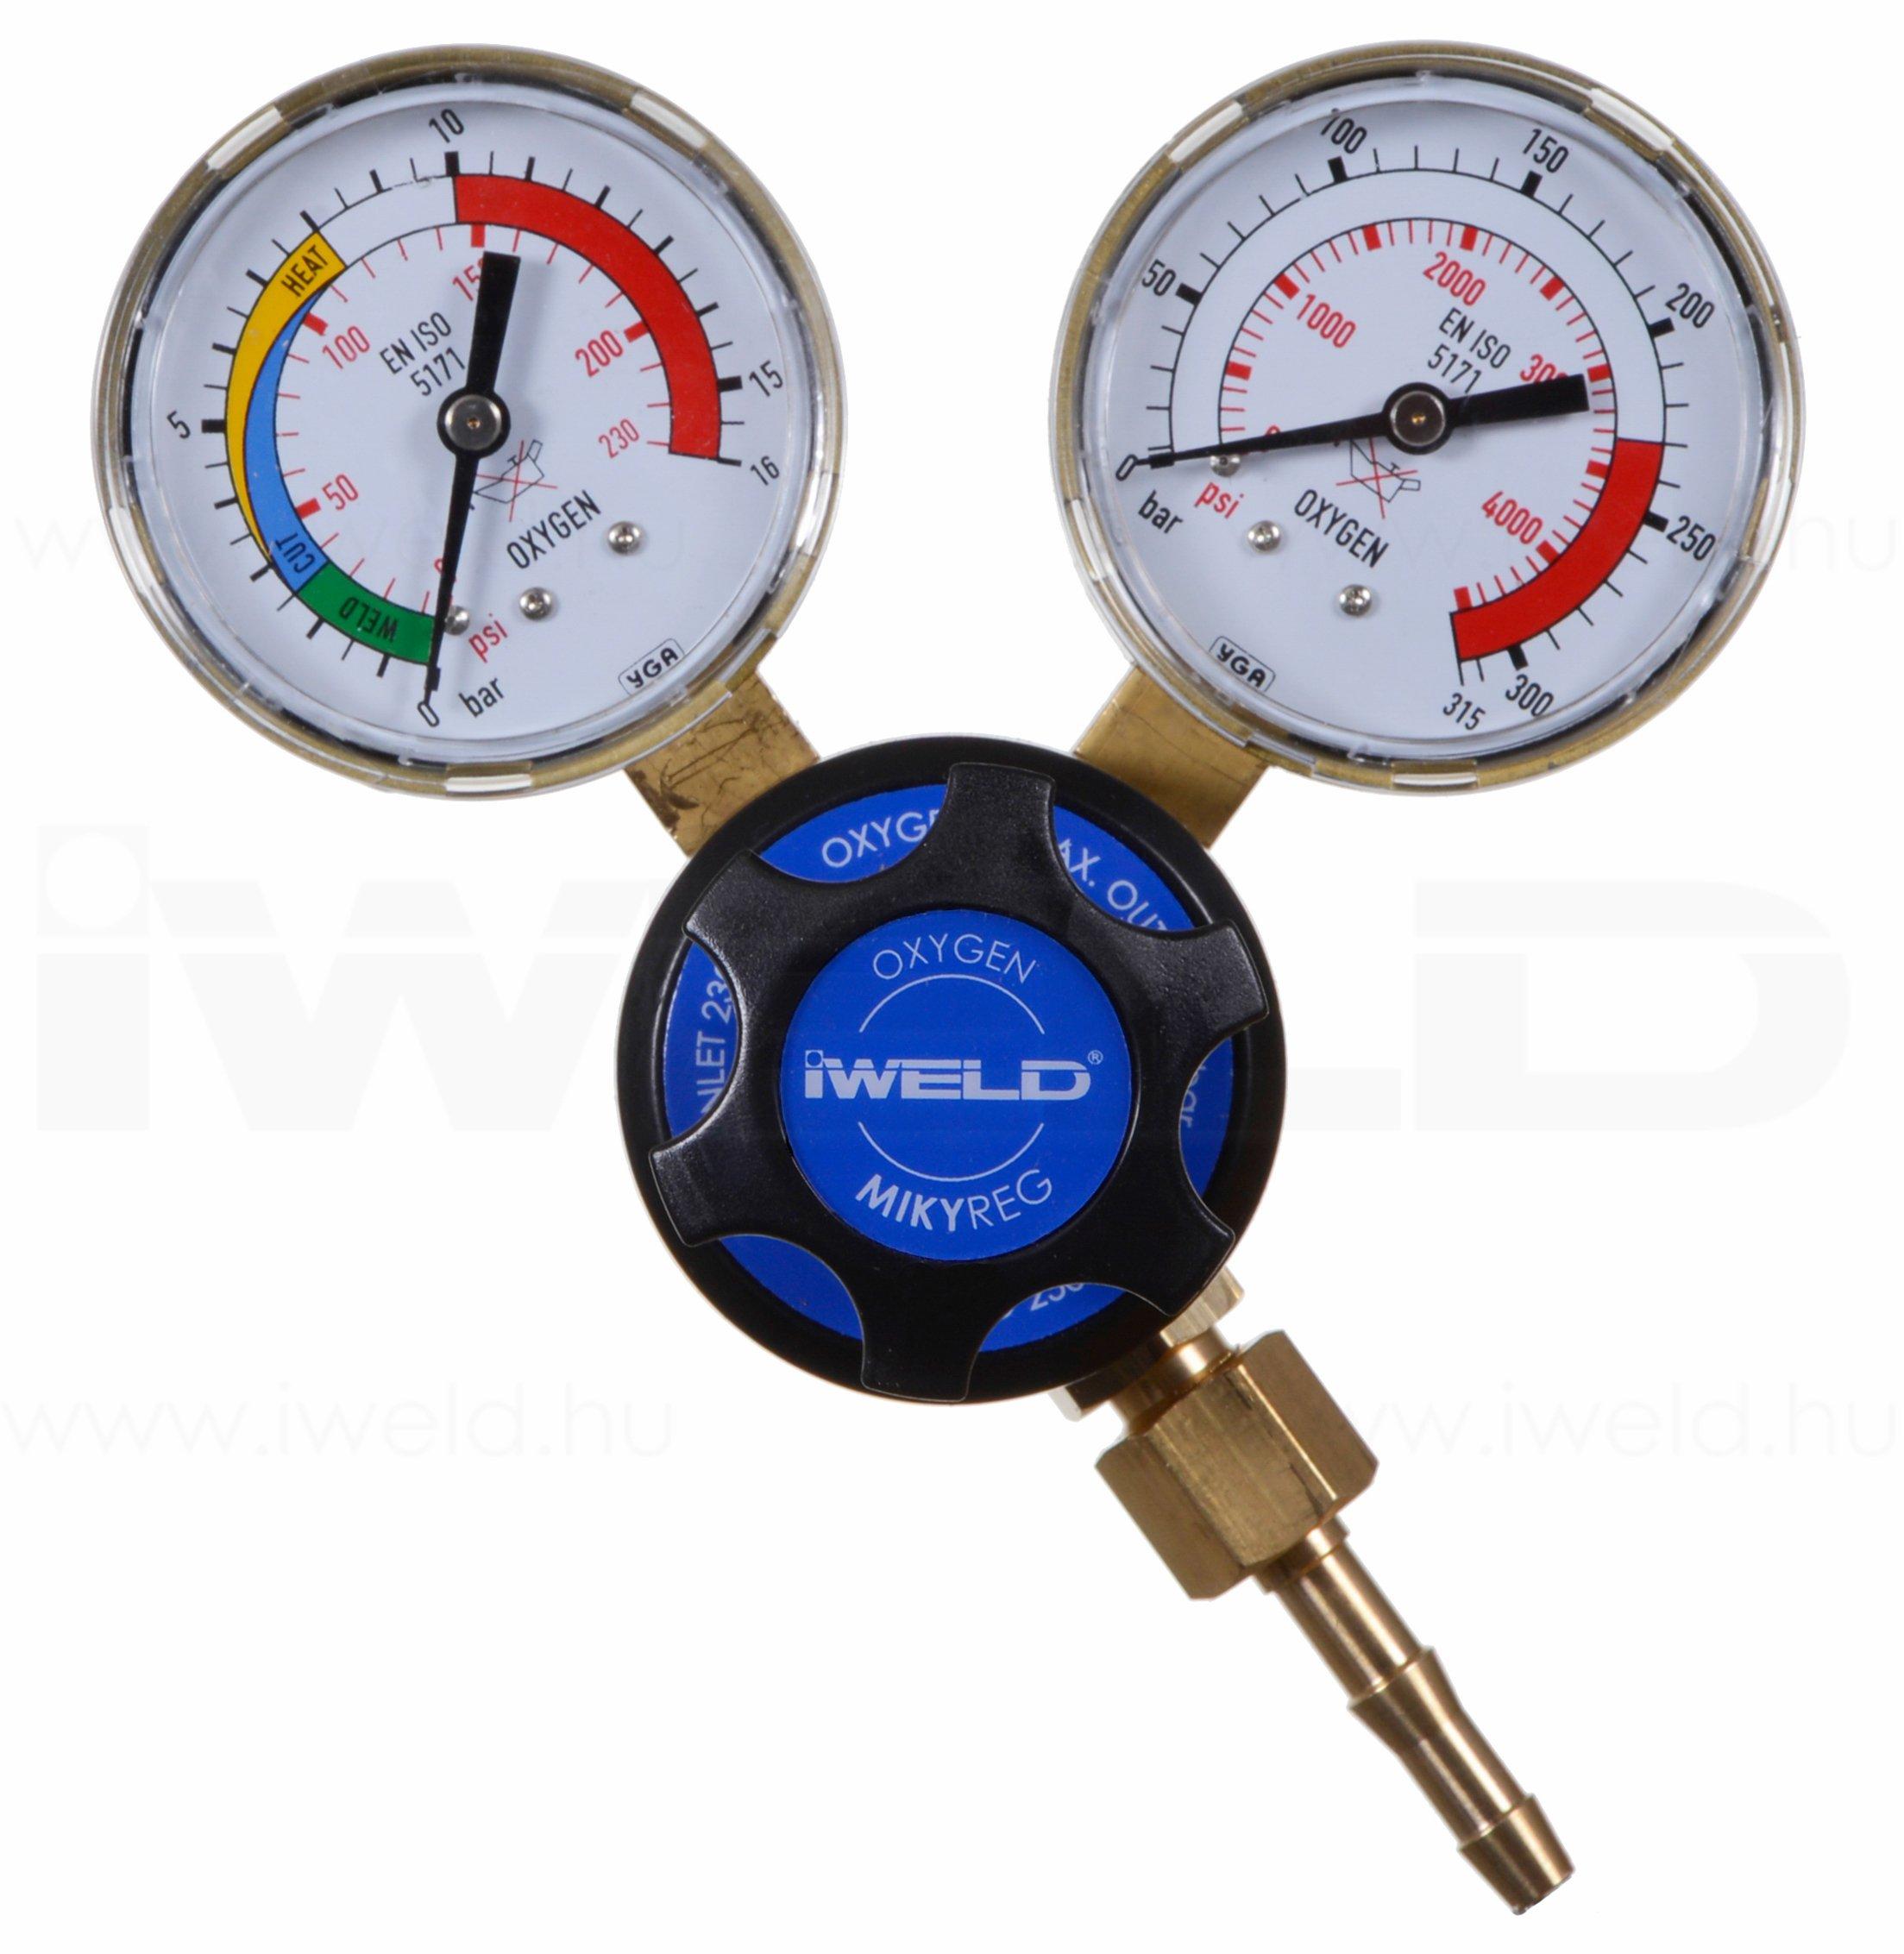 Mini Reductor Oxigen IWLED MIKYREG 230 10 bar